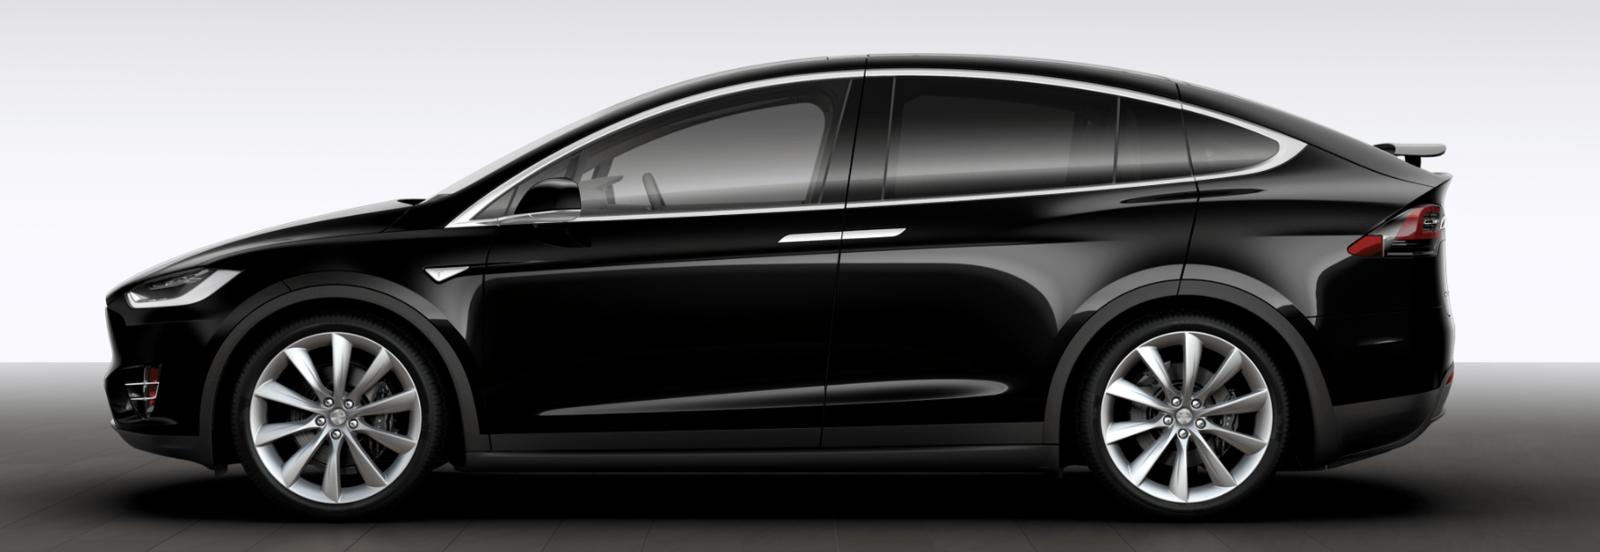 TESLA X Luxury Eco-Vehicle